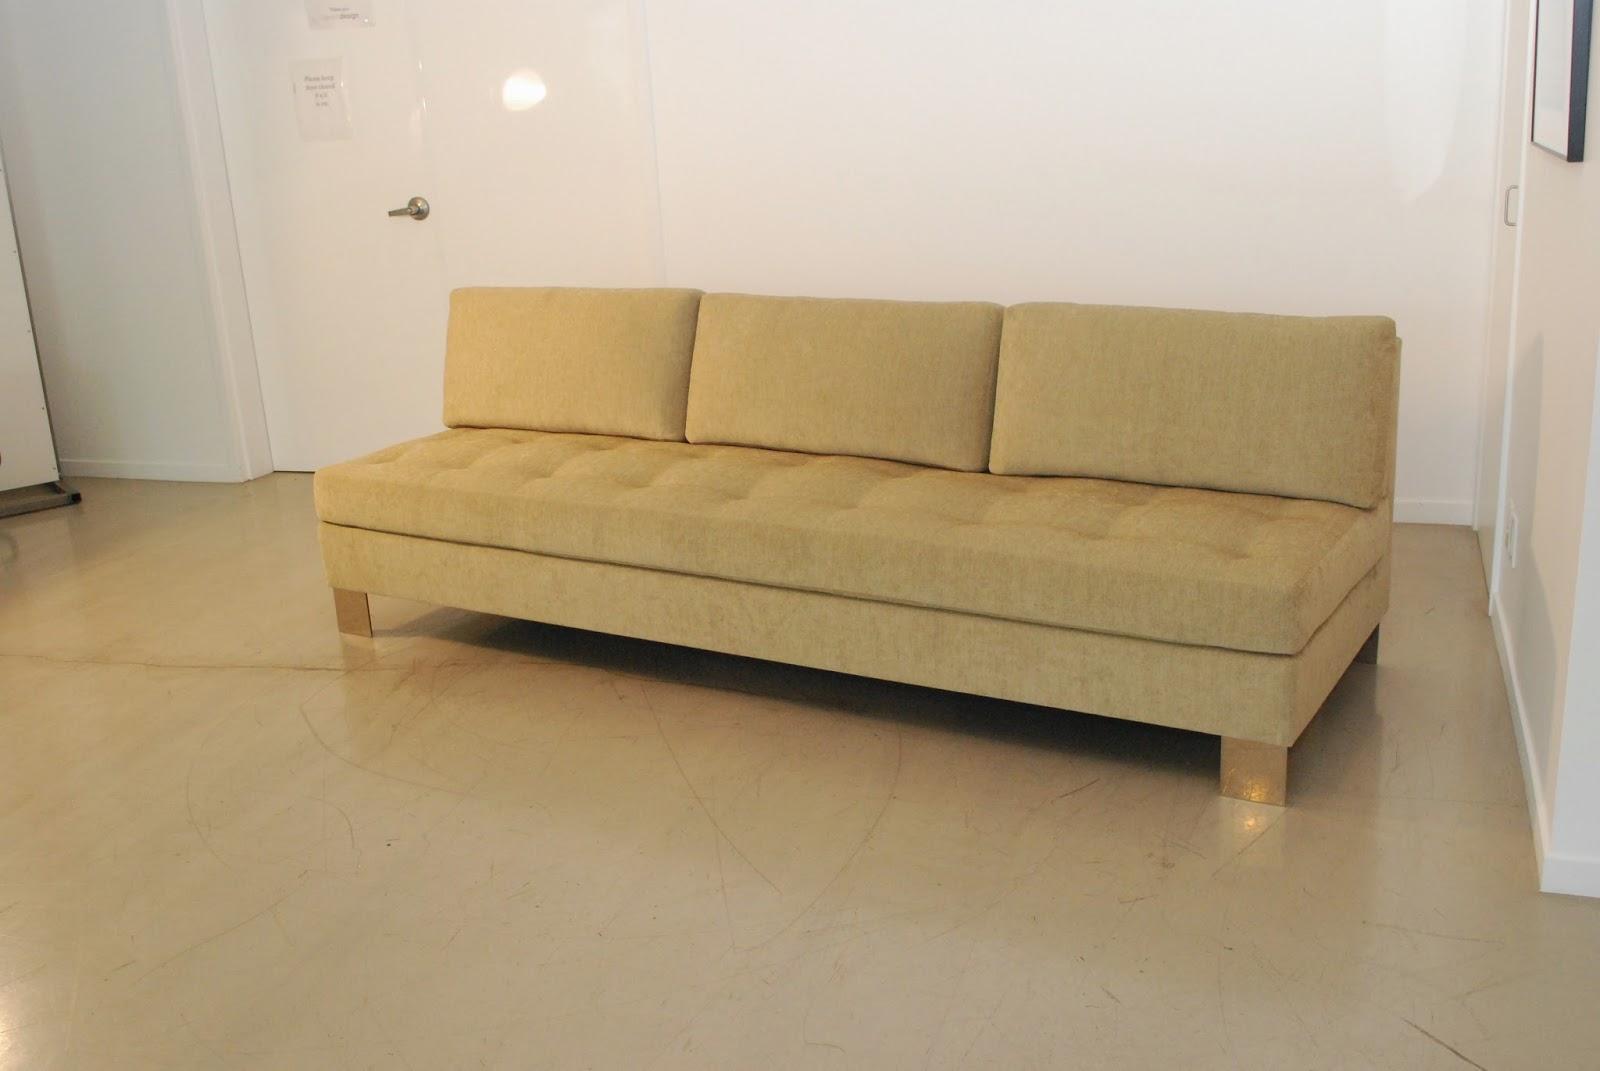 armless sofas design flexsteel reviews classic custom